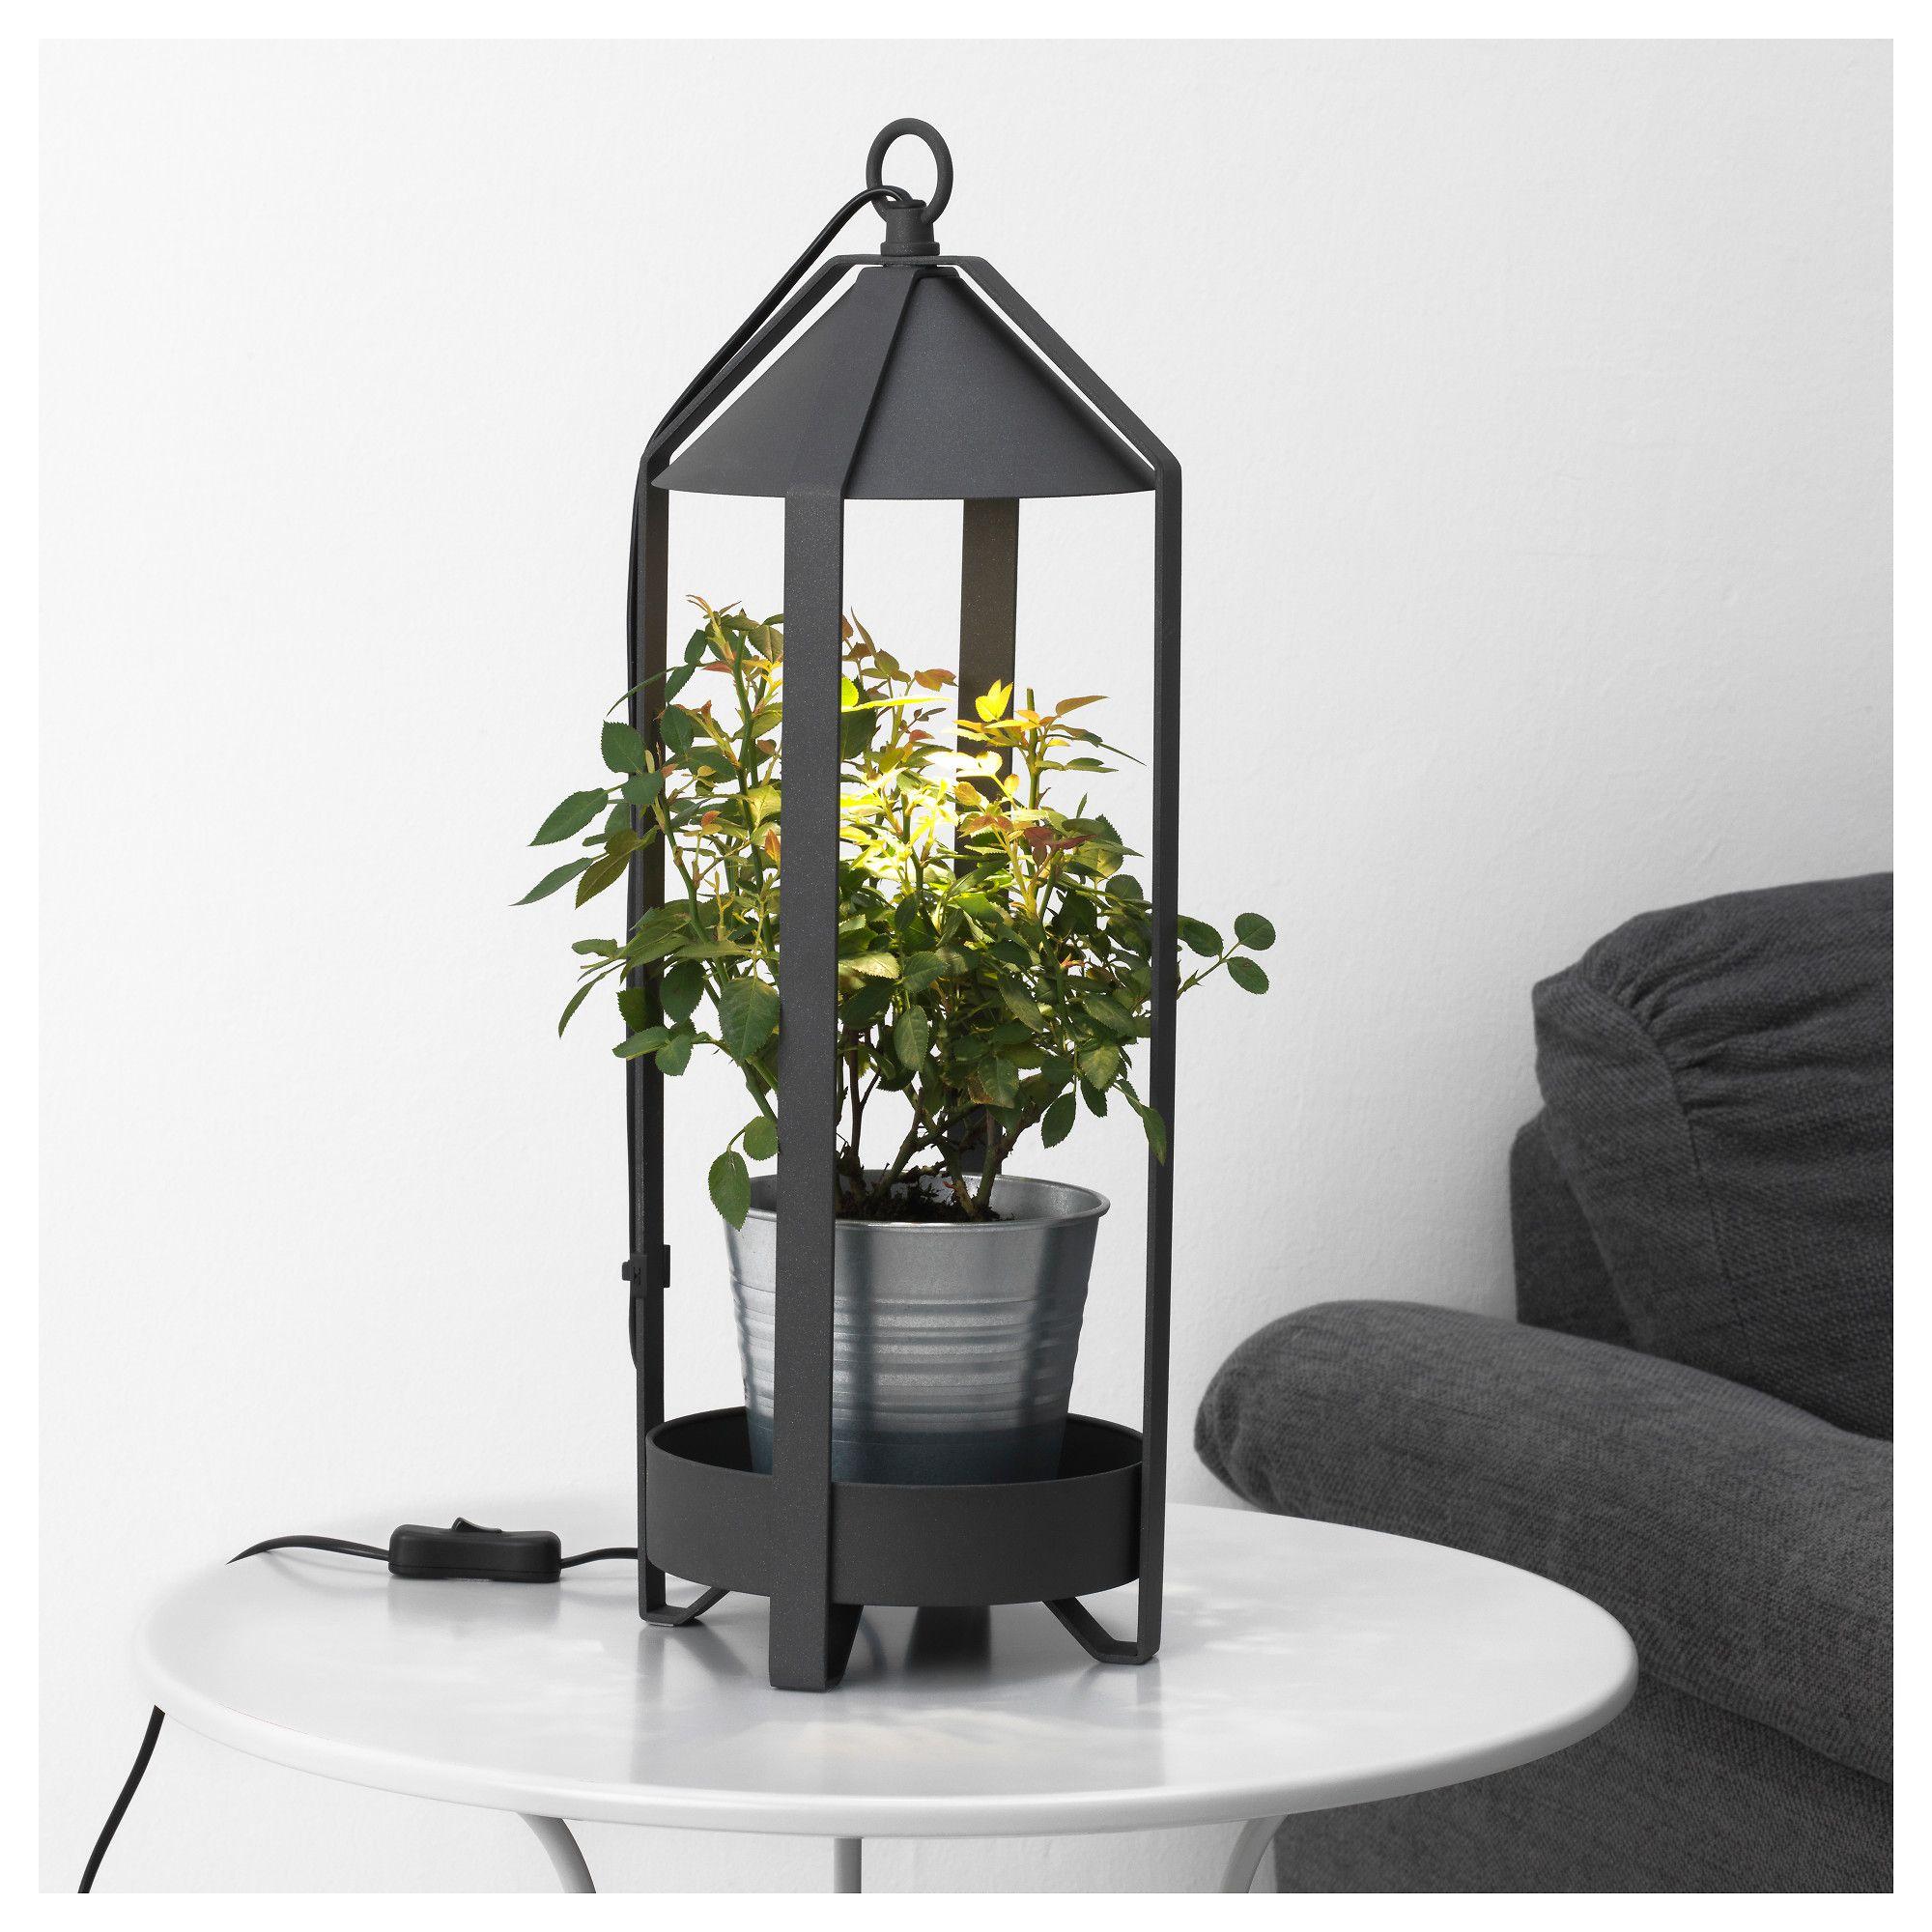 KRYDDA Pflanzenhalter LED Pflanzenlampe Jetzt bestellen unter